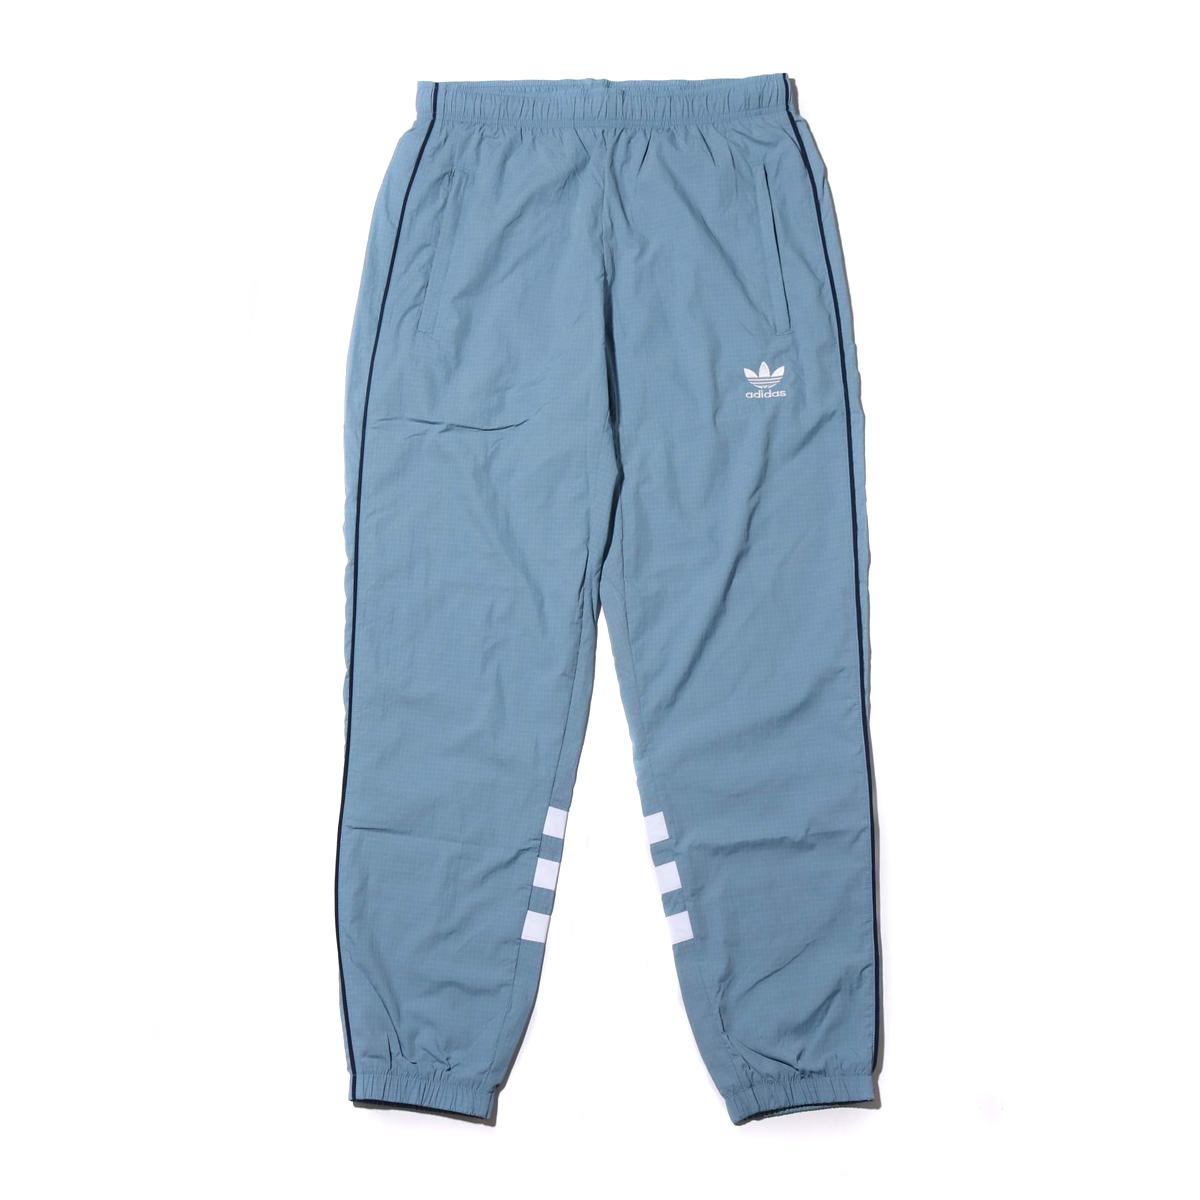 adidas Originals AUTH RIPSTOP TRACK PANTS(アディダス オリジナルス AUTHリップストップトラックパンツ)RAW GREY【メンズ ジャケット】18FW-I